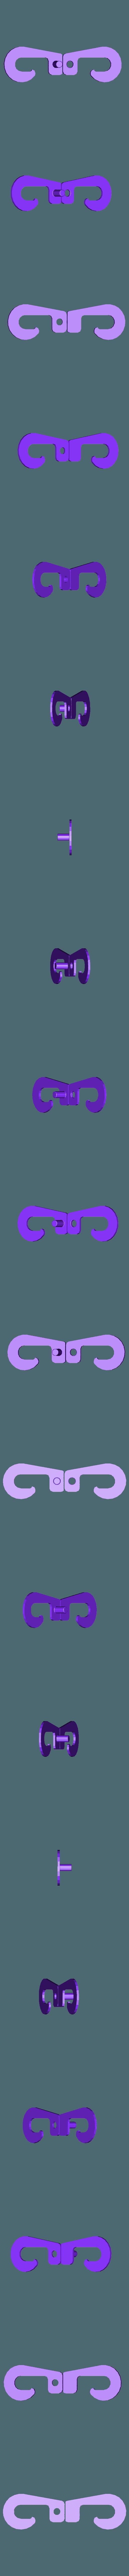 croco_shoes_like_repair.stl Télécharger fichier STL gratuit Les crocs comme pièces de rechange • Design pour impression 3D, steevebecker